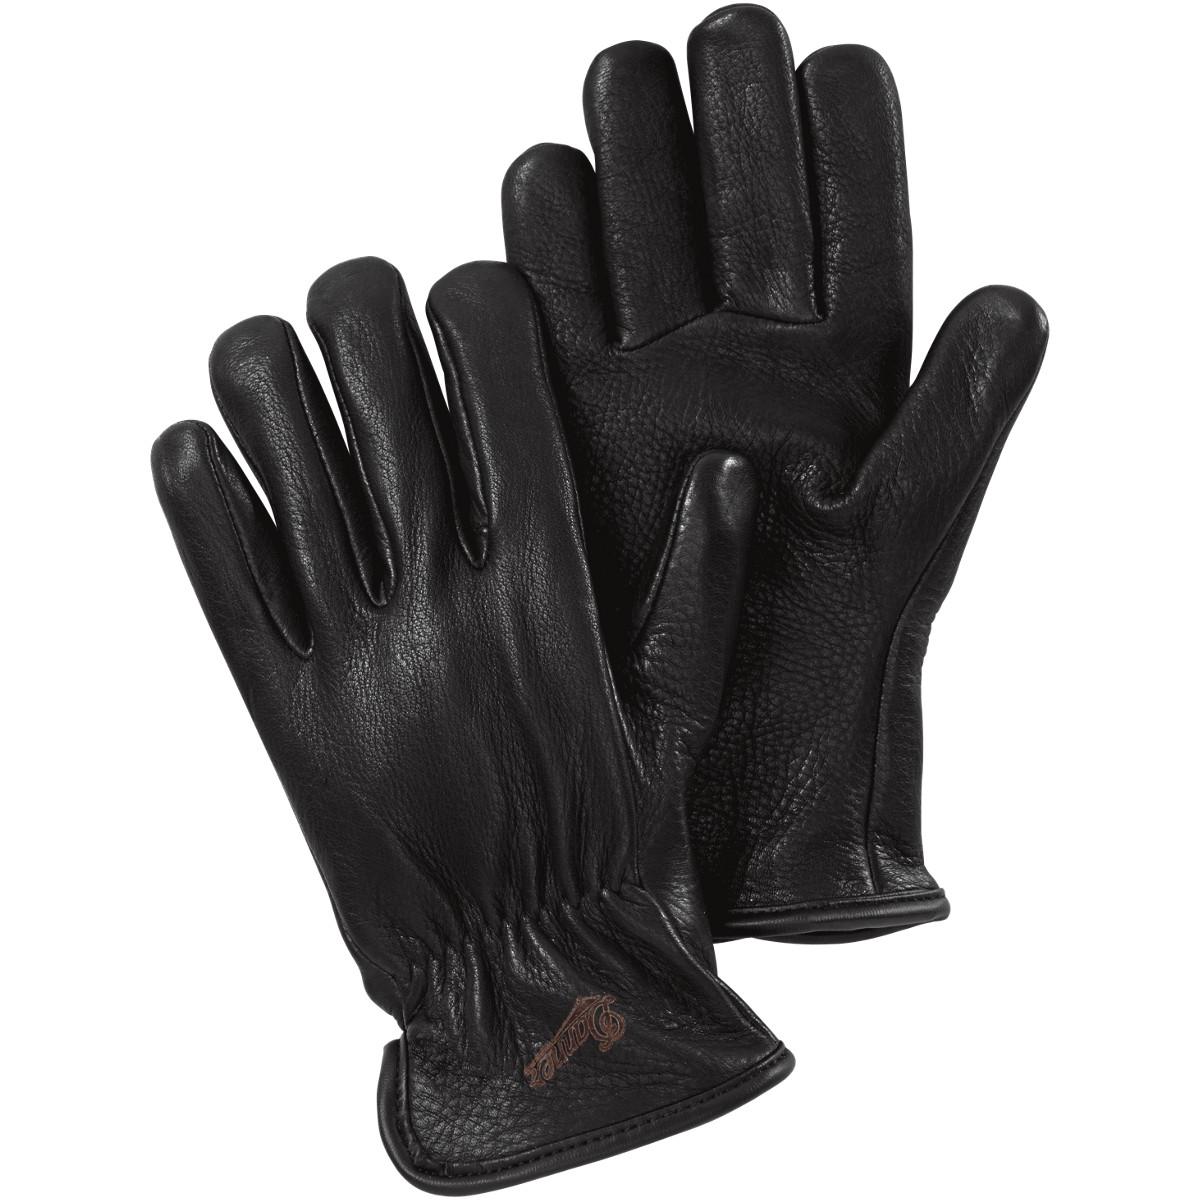 Glove - Deerskin - Merino Lined Black